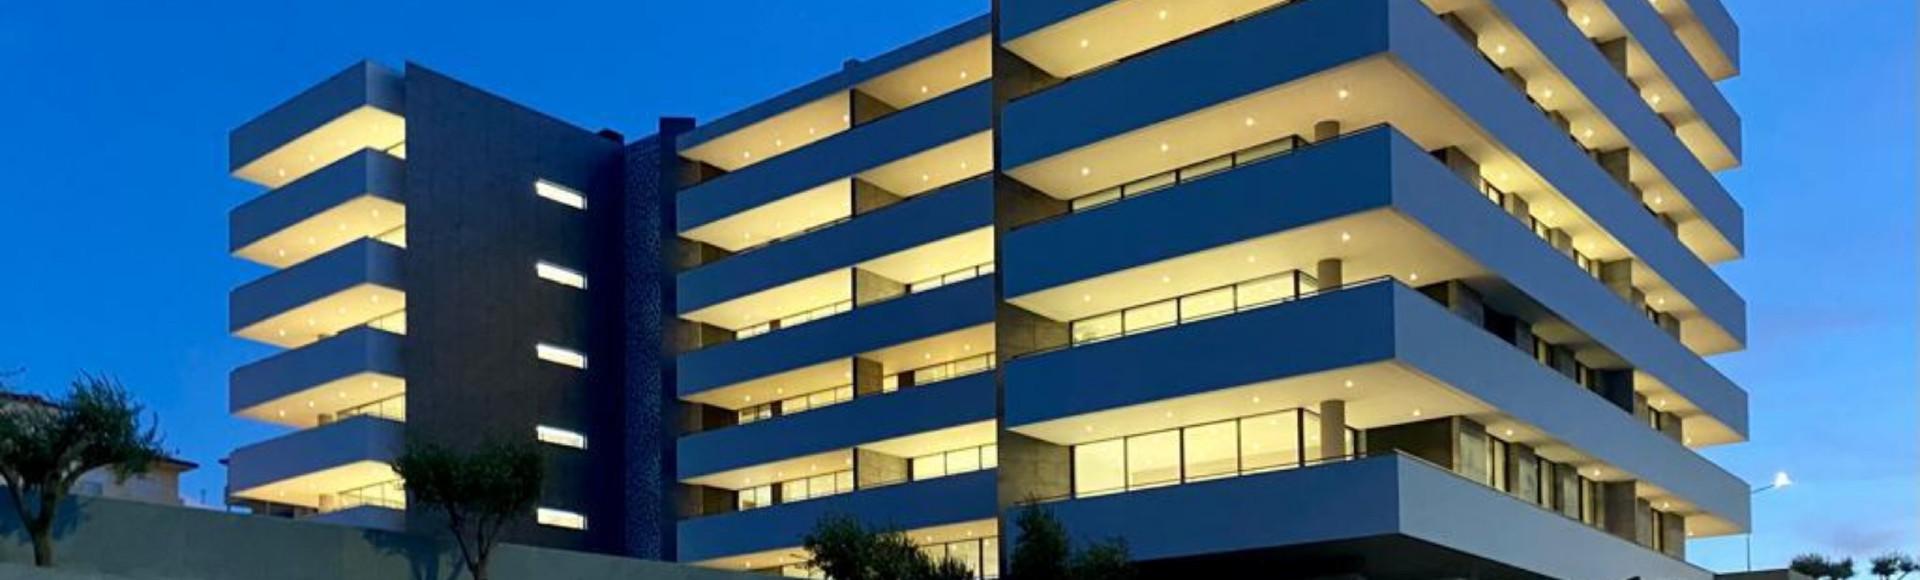 Iluminação LED: Novo empreendimento em Lagos